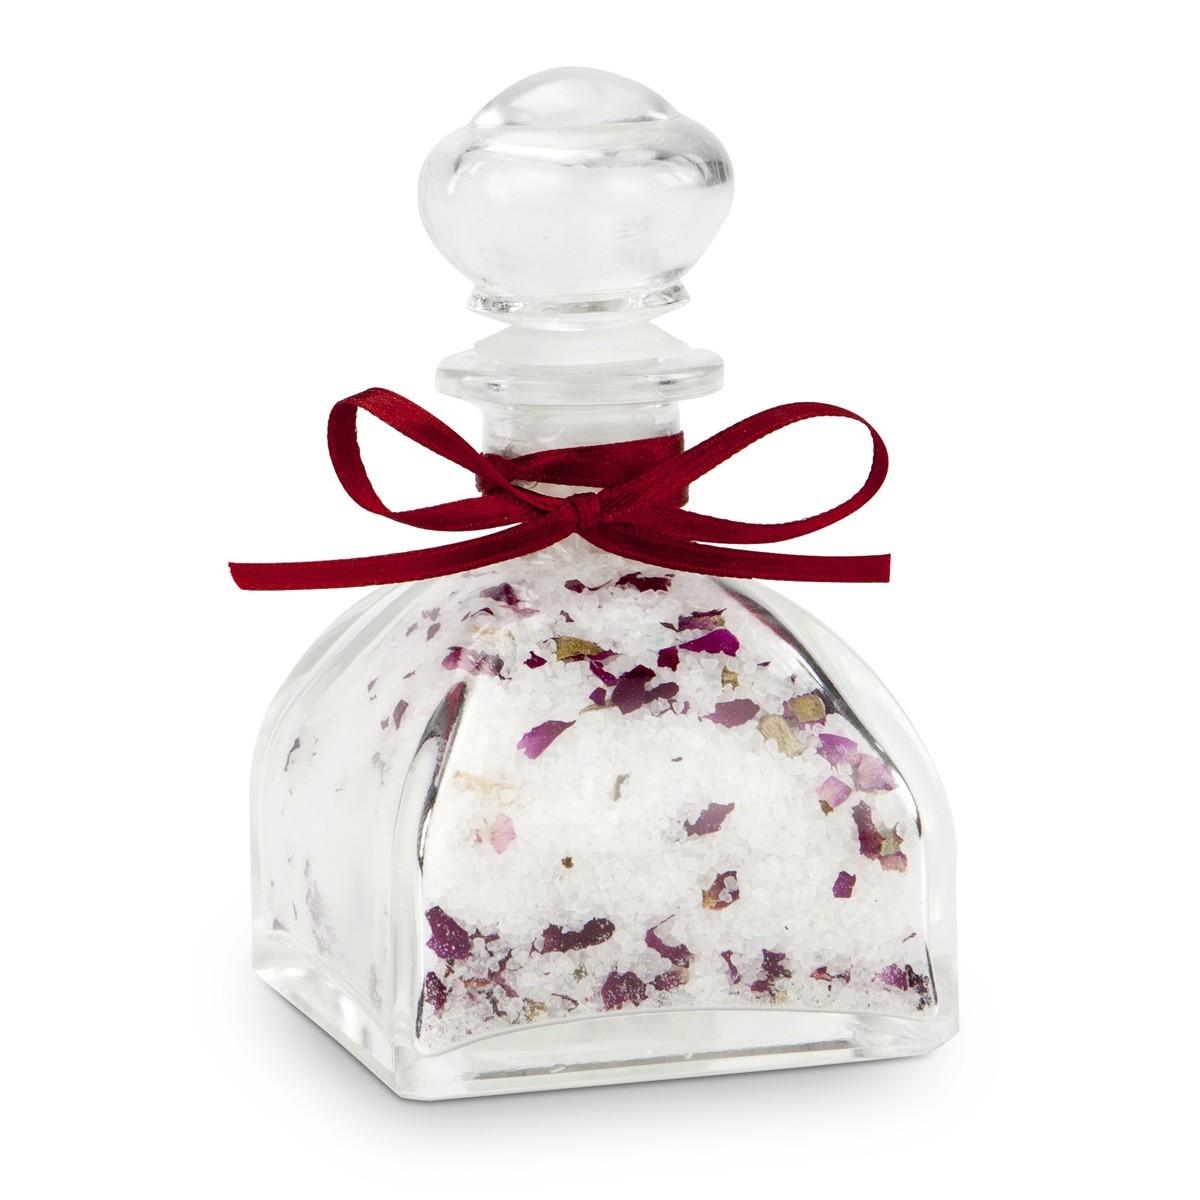 Sól do kąpieli z płatkami róż - urządź SPA we własnej łazience